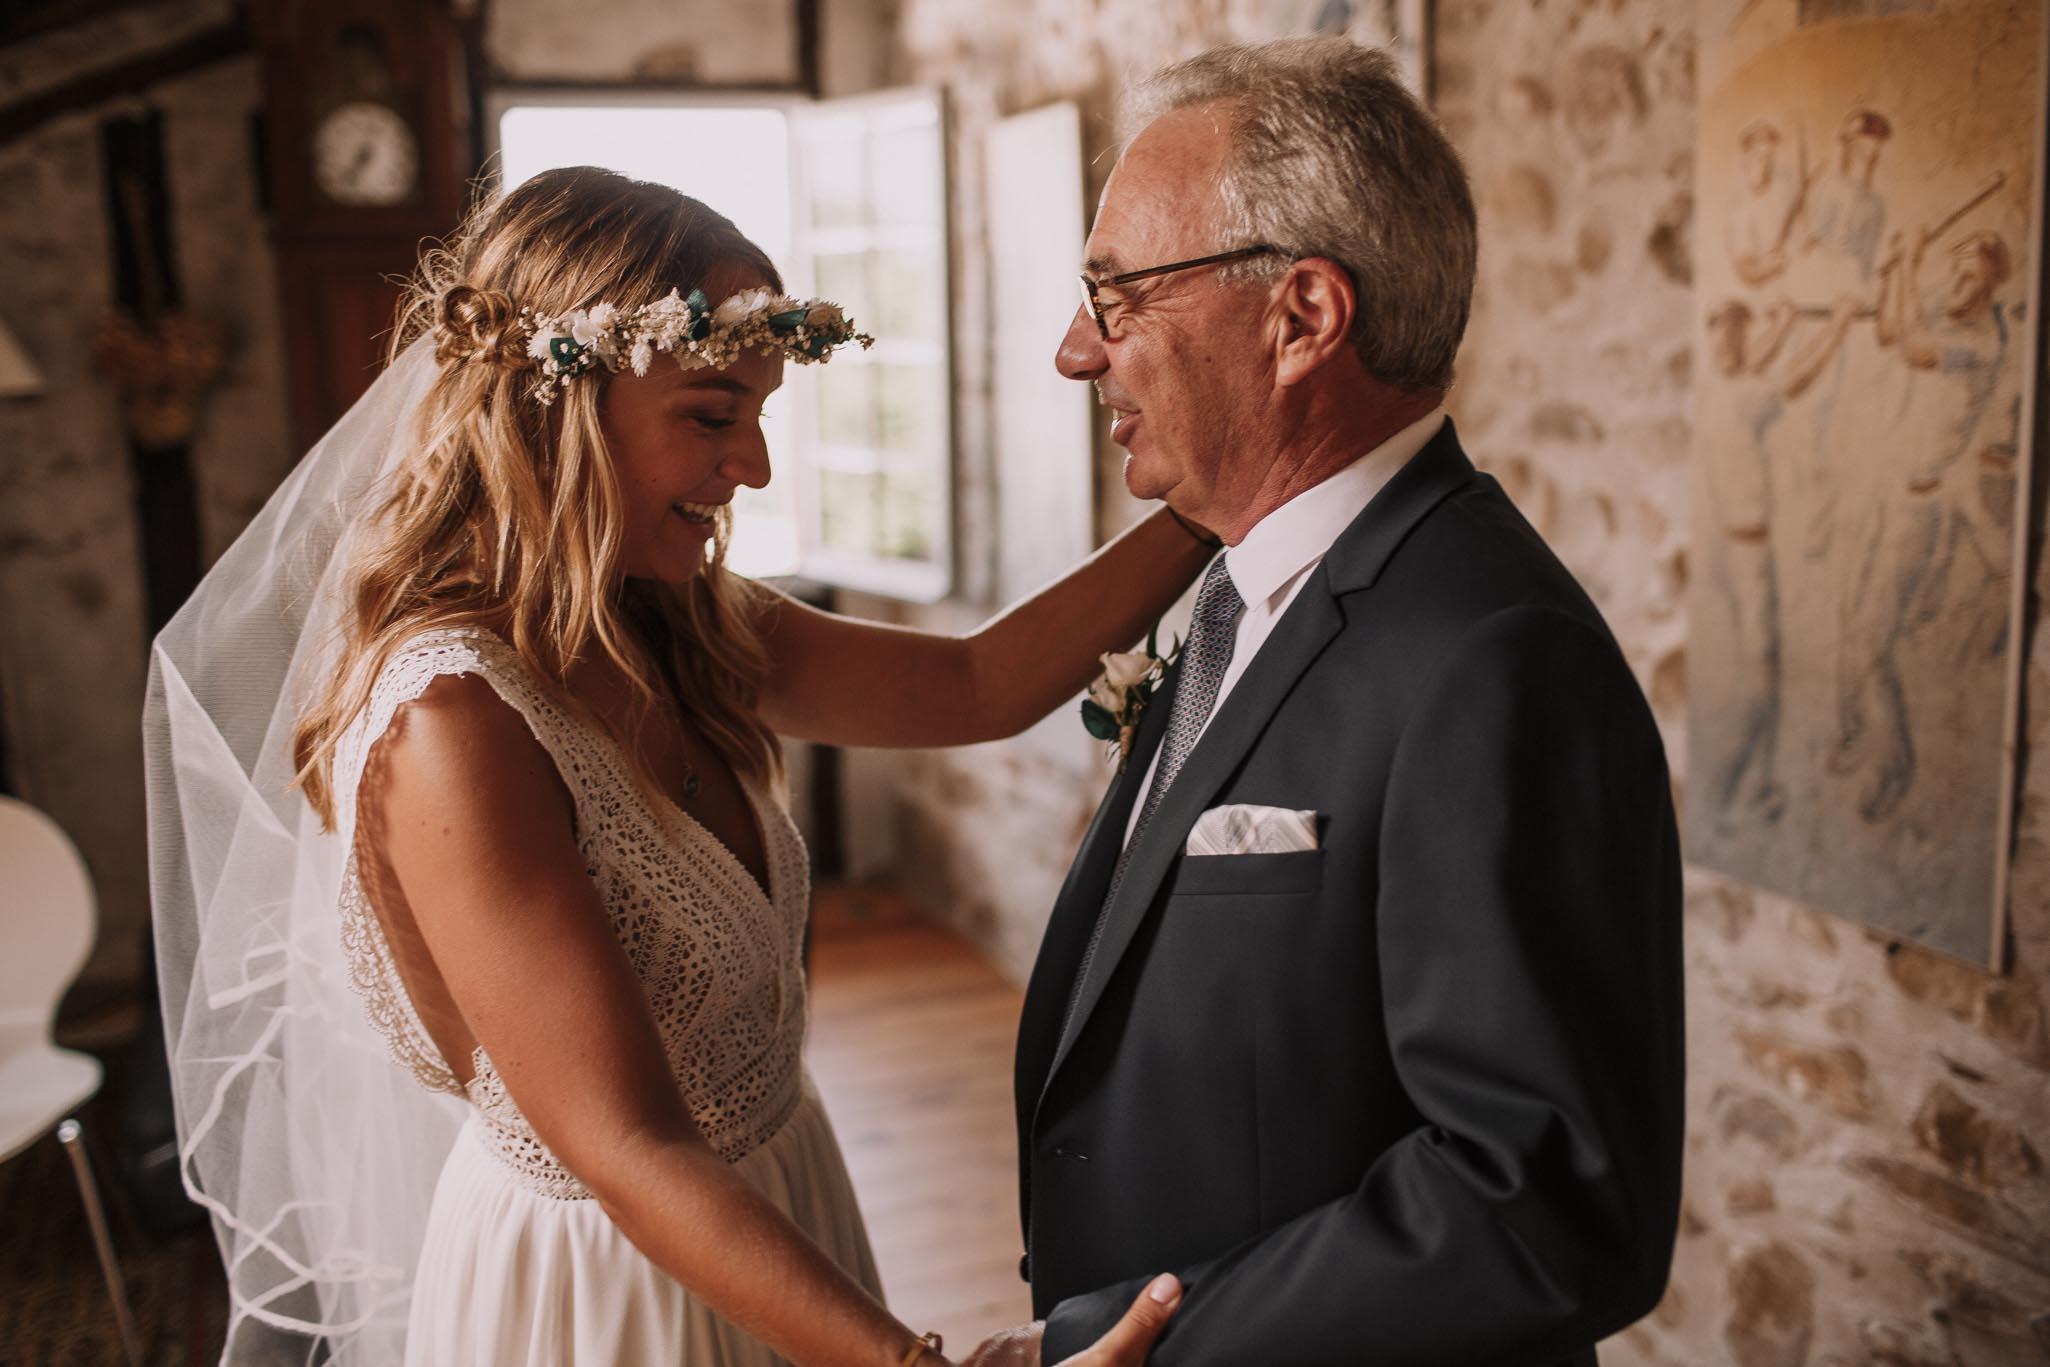 Photographe-mariage-bordeaux-jeremy-boyer-pays-basque-ihartze-artea-sare-robe-eleonore-pauc-couple-amour-46.jpg